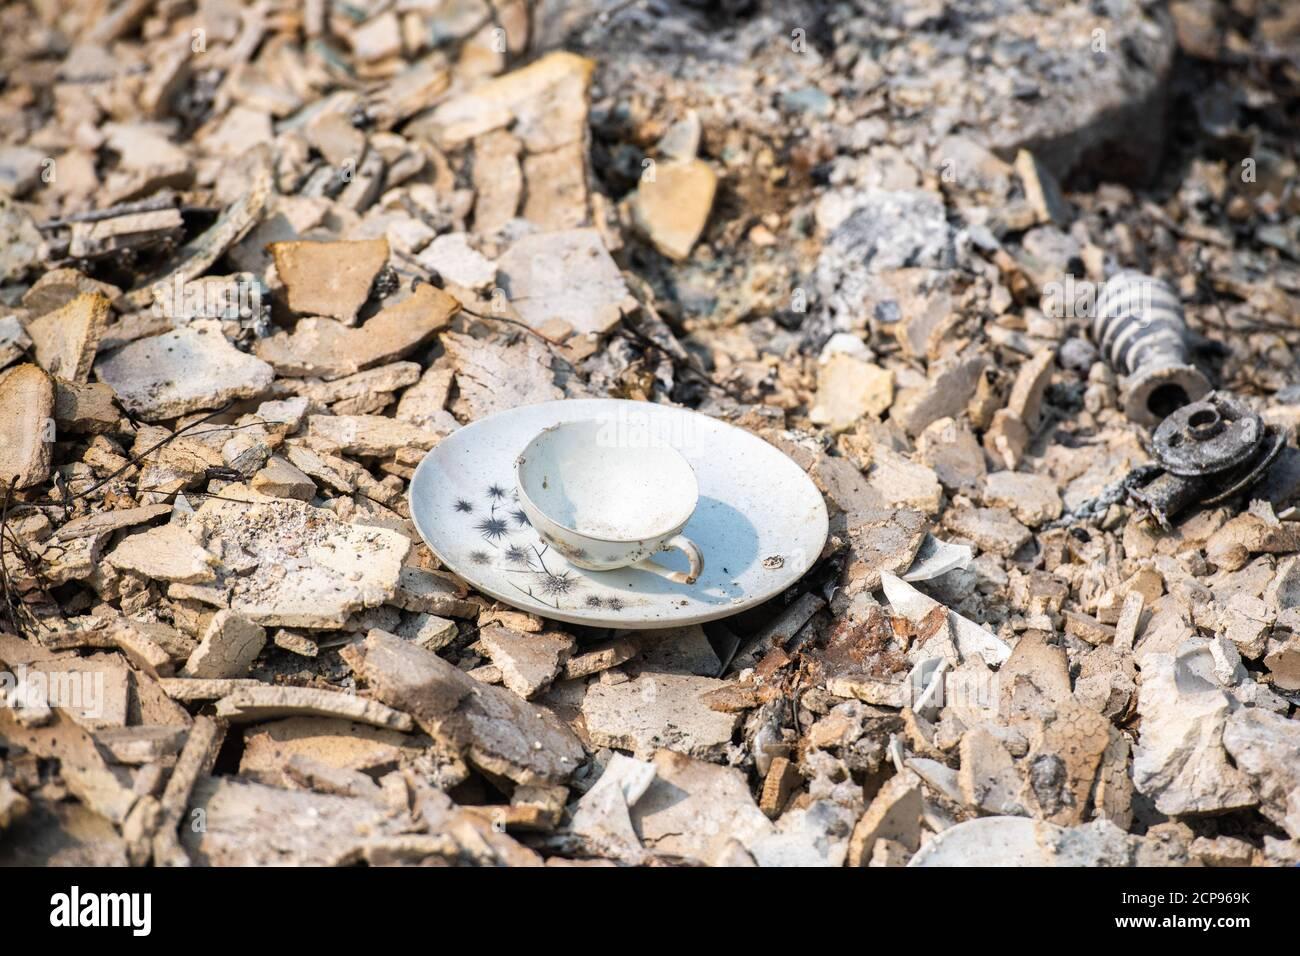 Talent, Oregon 18 Sep, 2020. Una visión general de las secuelas del Fuego de Almeda. La ciudad de Talent, Oregón, mostrando las casas quemadas, coches y escombros que se han dejado atrás. En Talent, a unas 20 millas al norte de la frontera de California, las casas estaban encantadas más allá del reconocimiento. En todo el oeste de Estados Unidos, al menos 87 incendios forestales están ardiendo, según el National Interagency Fire Center. Han incendiado más de 4.7 millones de acres, más de seis veces el área de Rhode Island. Crédito: Chris Tuite/Image Space/Media Punch/Alamy Live News Foto de stock